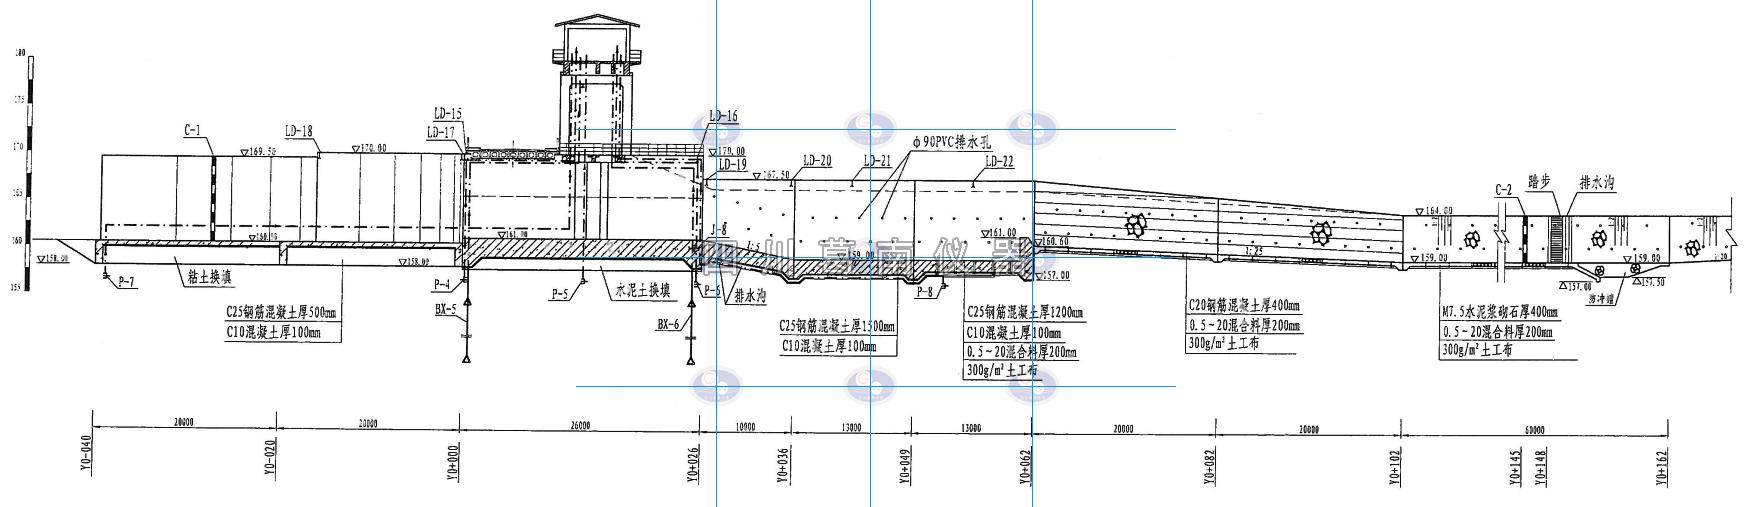 水闸安全监测仪器设计布置方法